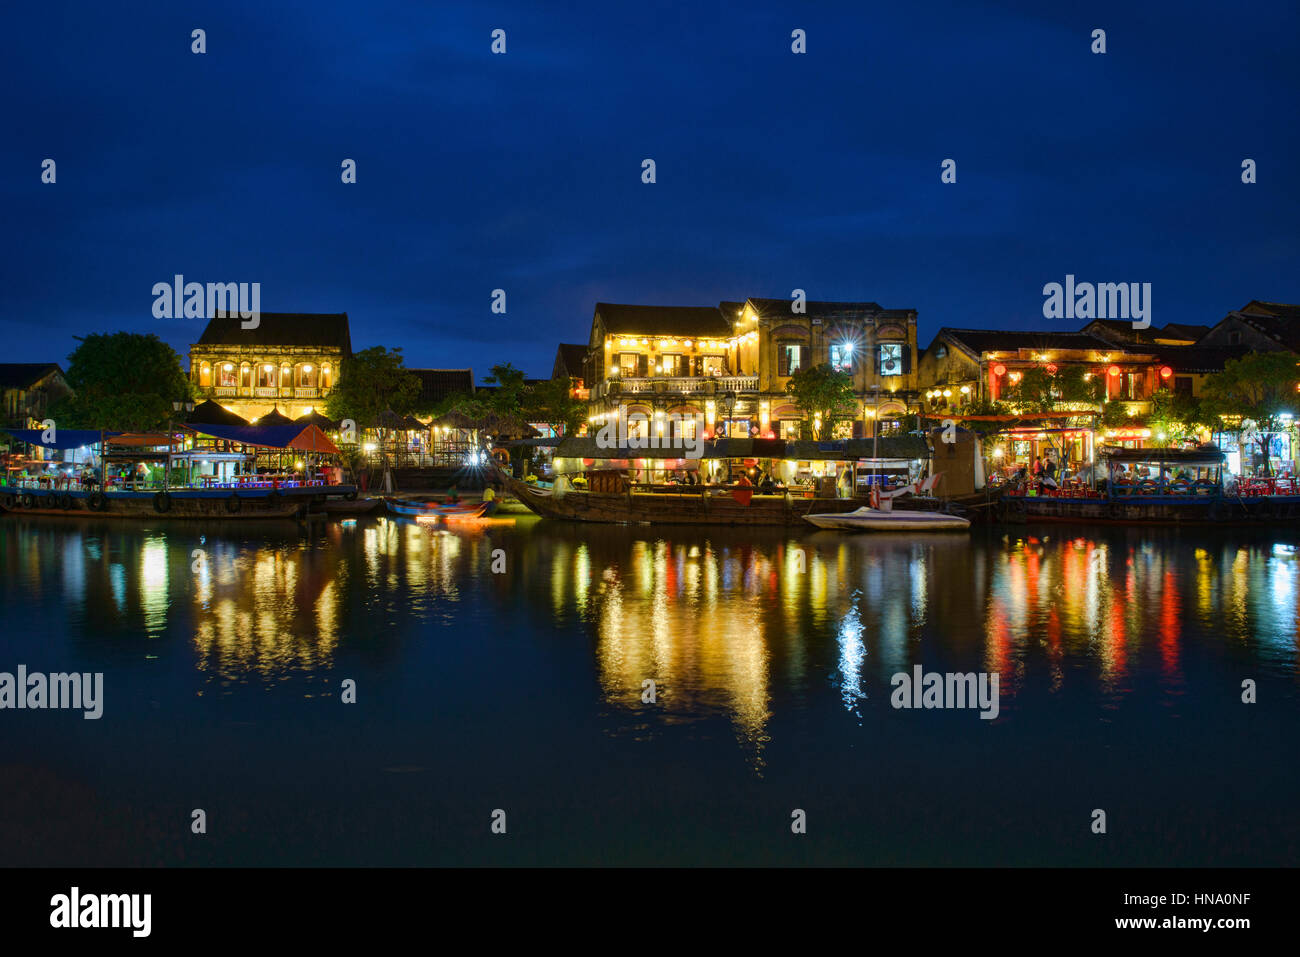 La vieille ville la nuit de l'autre côté de la rivière Thu Bon, Hoi An, Vietnam Photo Stock